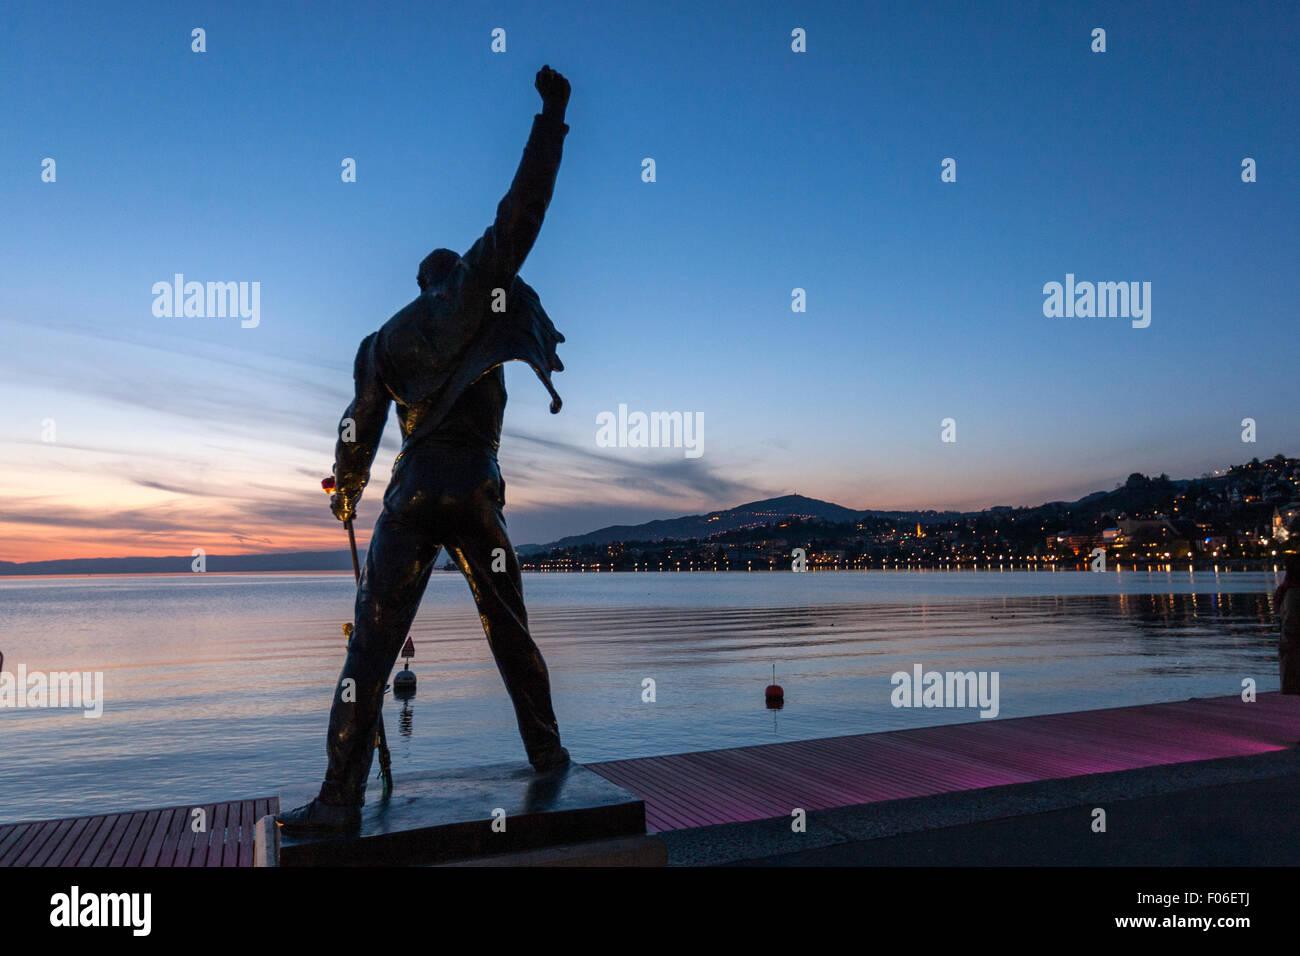 freddie-mercury-statua-dall-artista-ceco